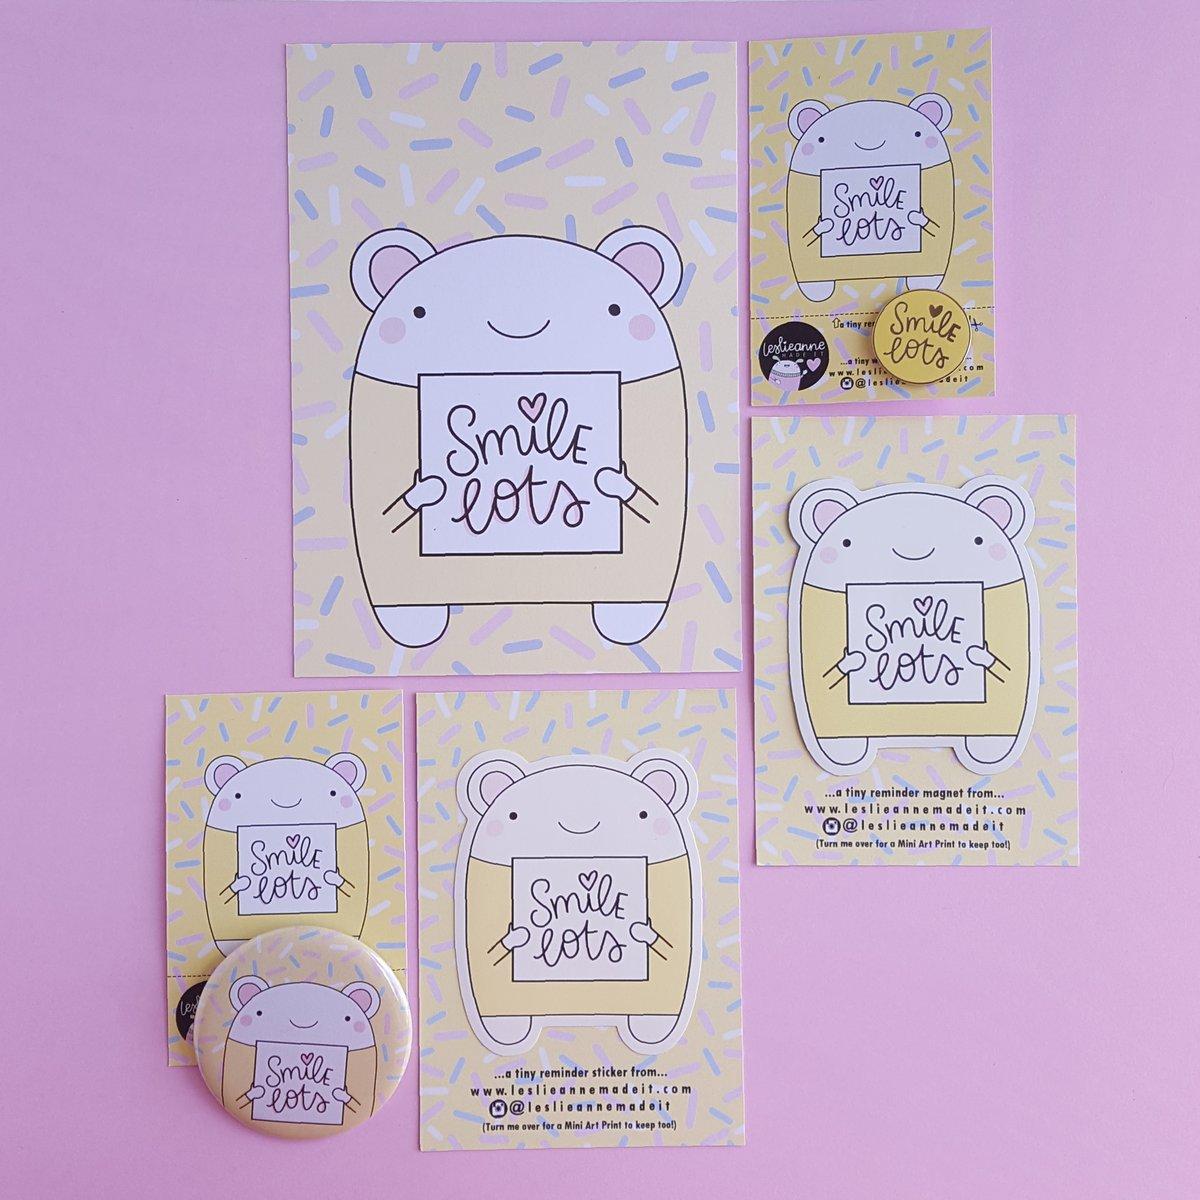 Smile Lots : Illustrated Postcard